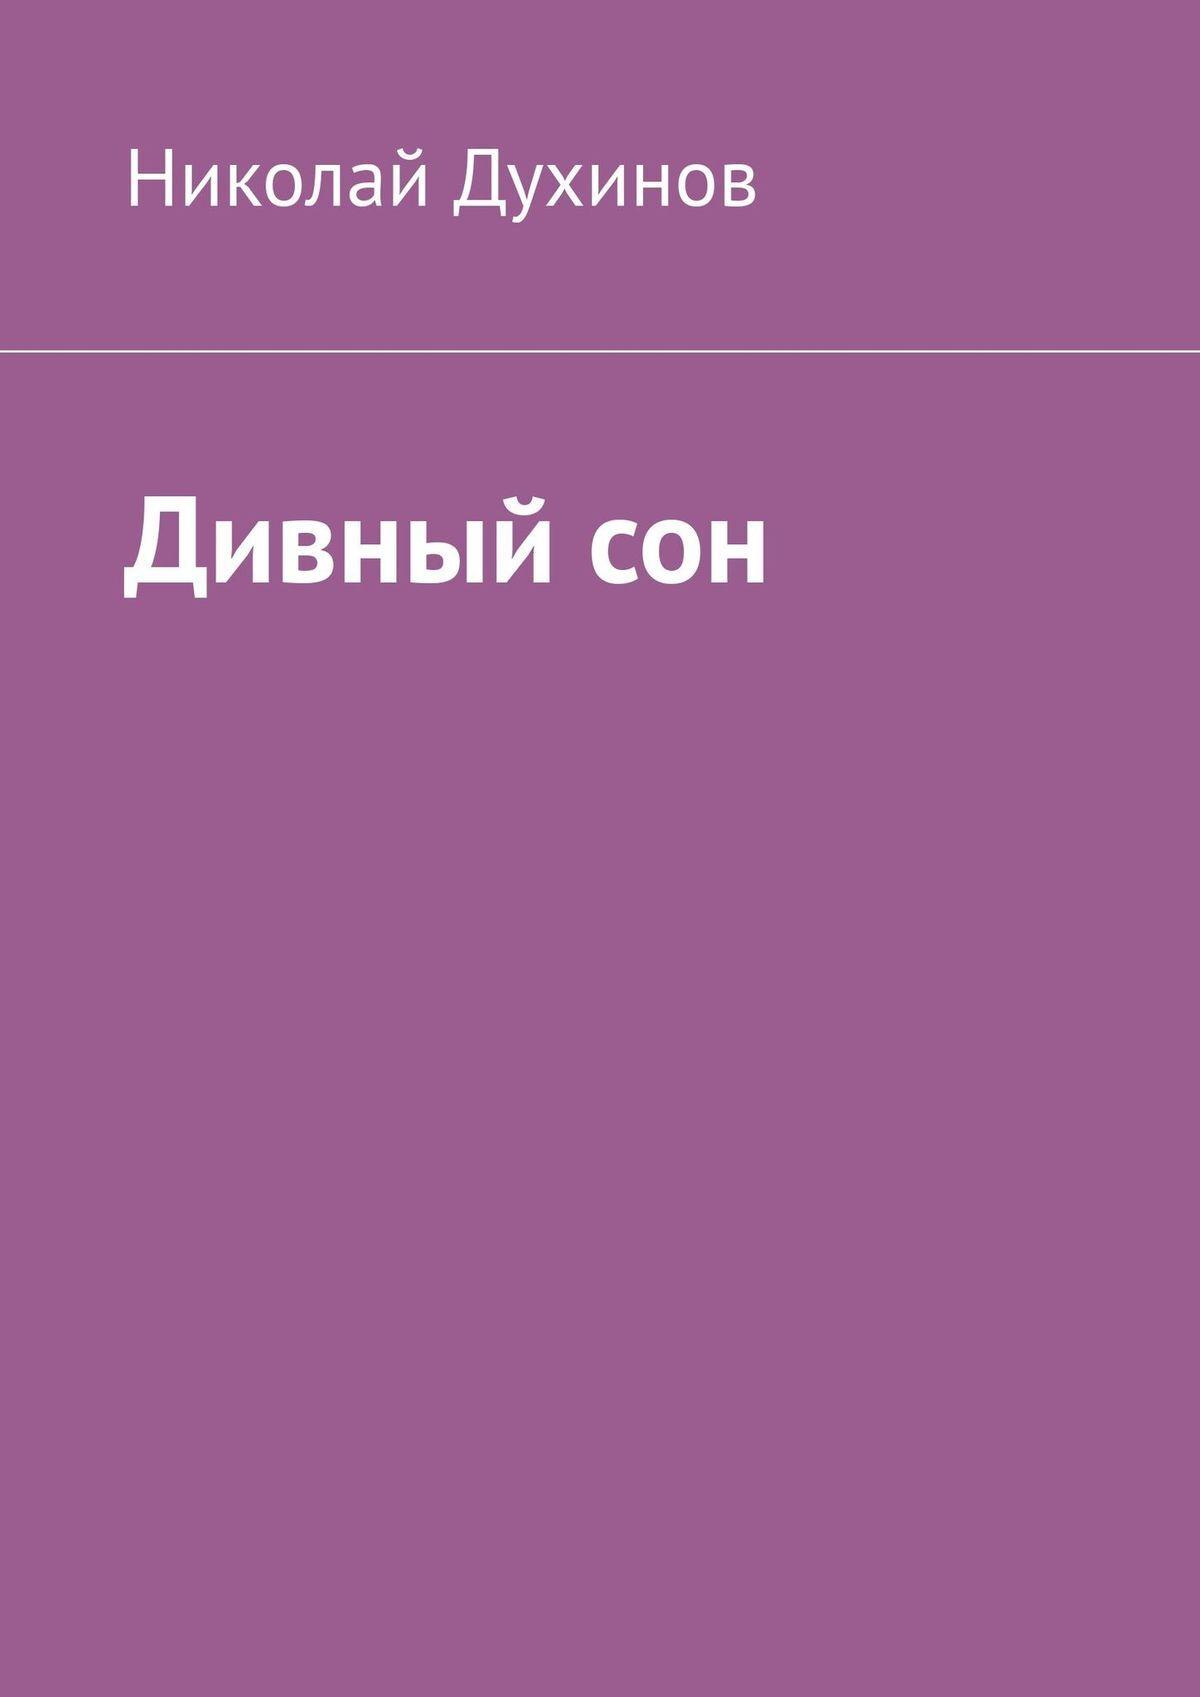 Николай Духинов. Дивныйсон